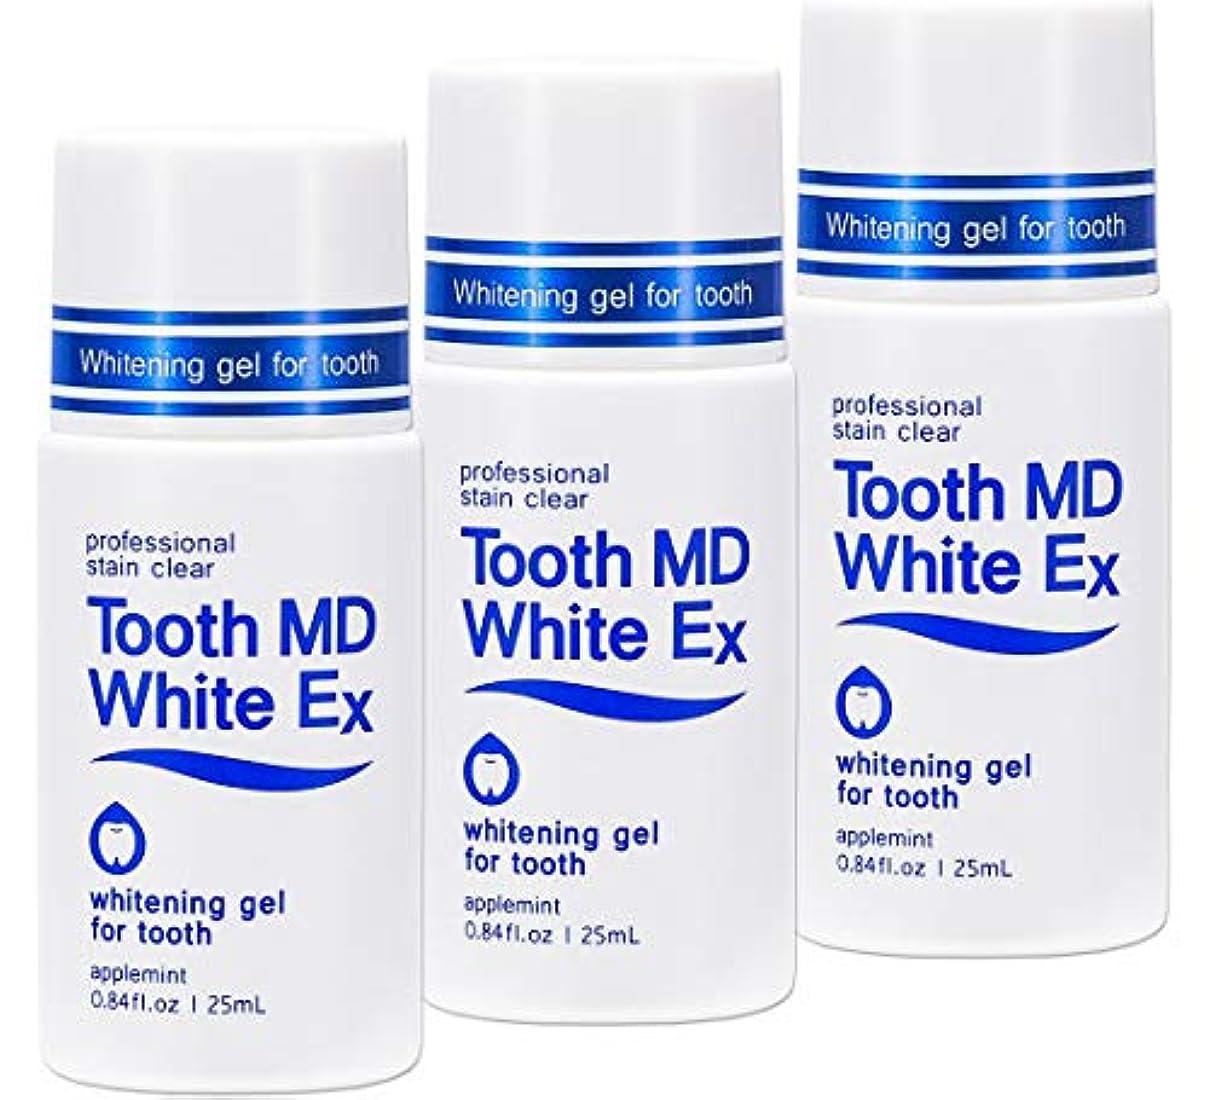 ストラトフォードオンエイボンフロンティアぞっとするようなトゥースMDホワイトEX 3個セット [歯のホワイトニング] 専用歯ブラシ付き